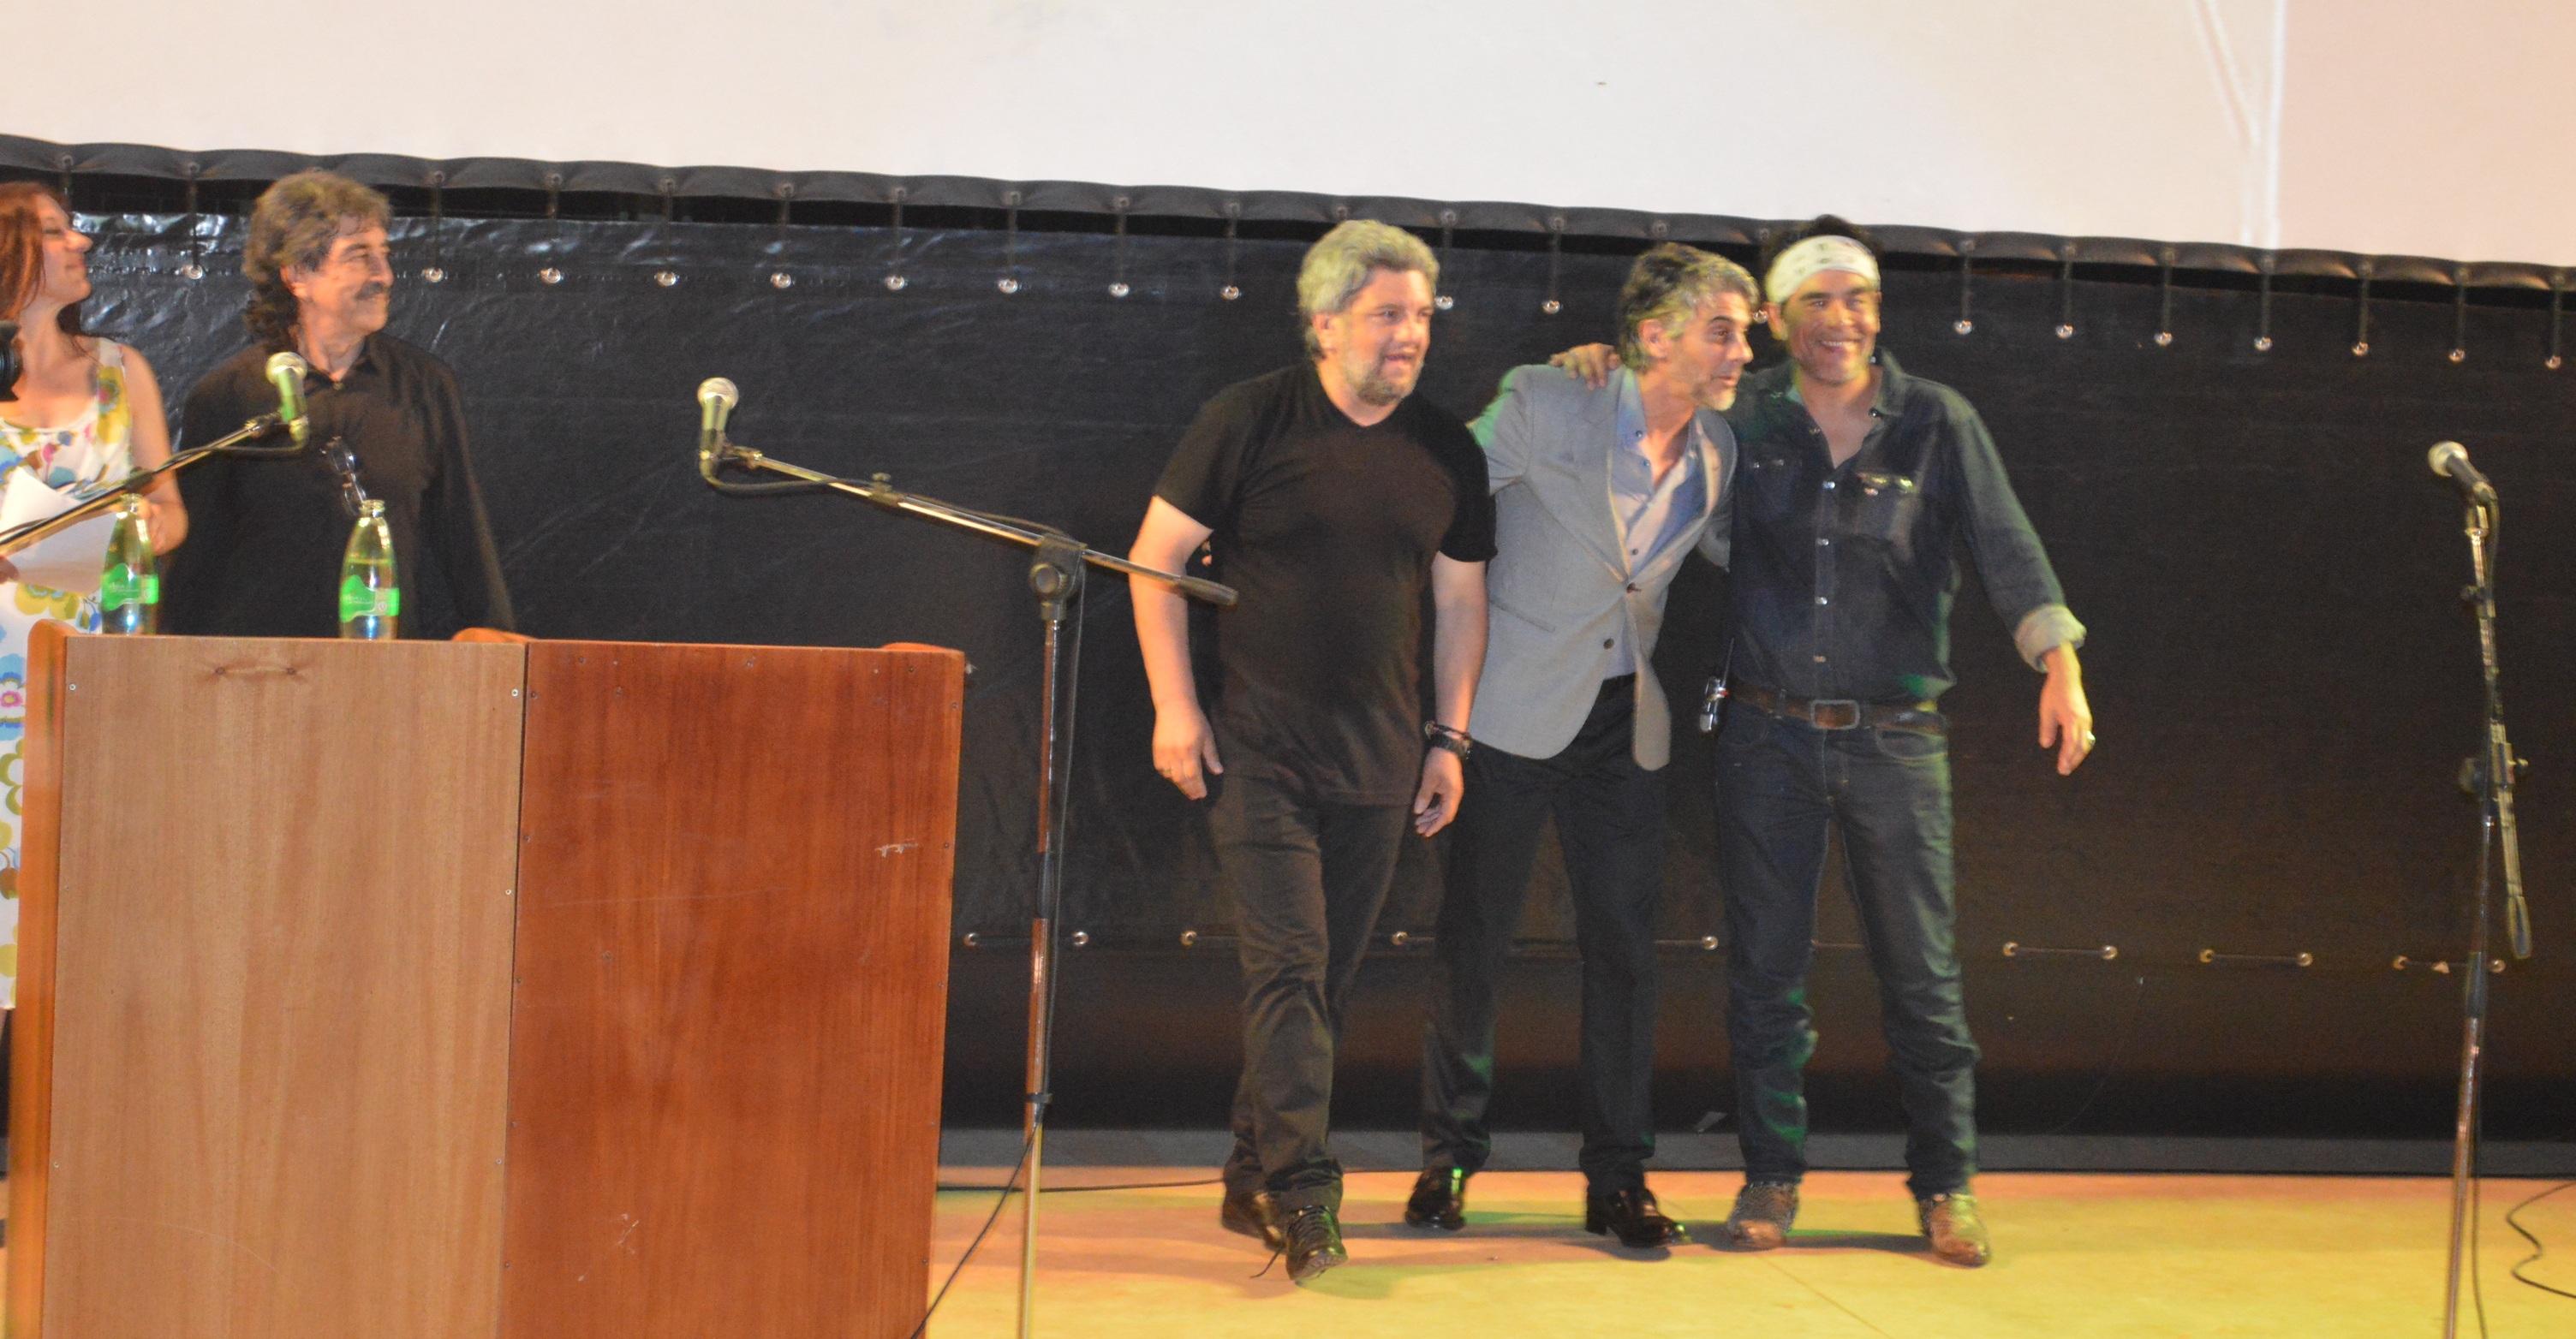 Una multitud encabezada por Pablo Echarri dejó inaugurado el Festival de Cine en las Tres Fronteras